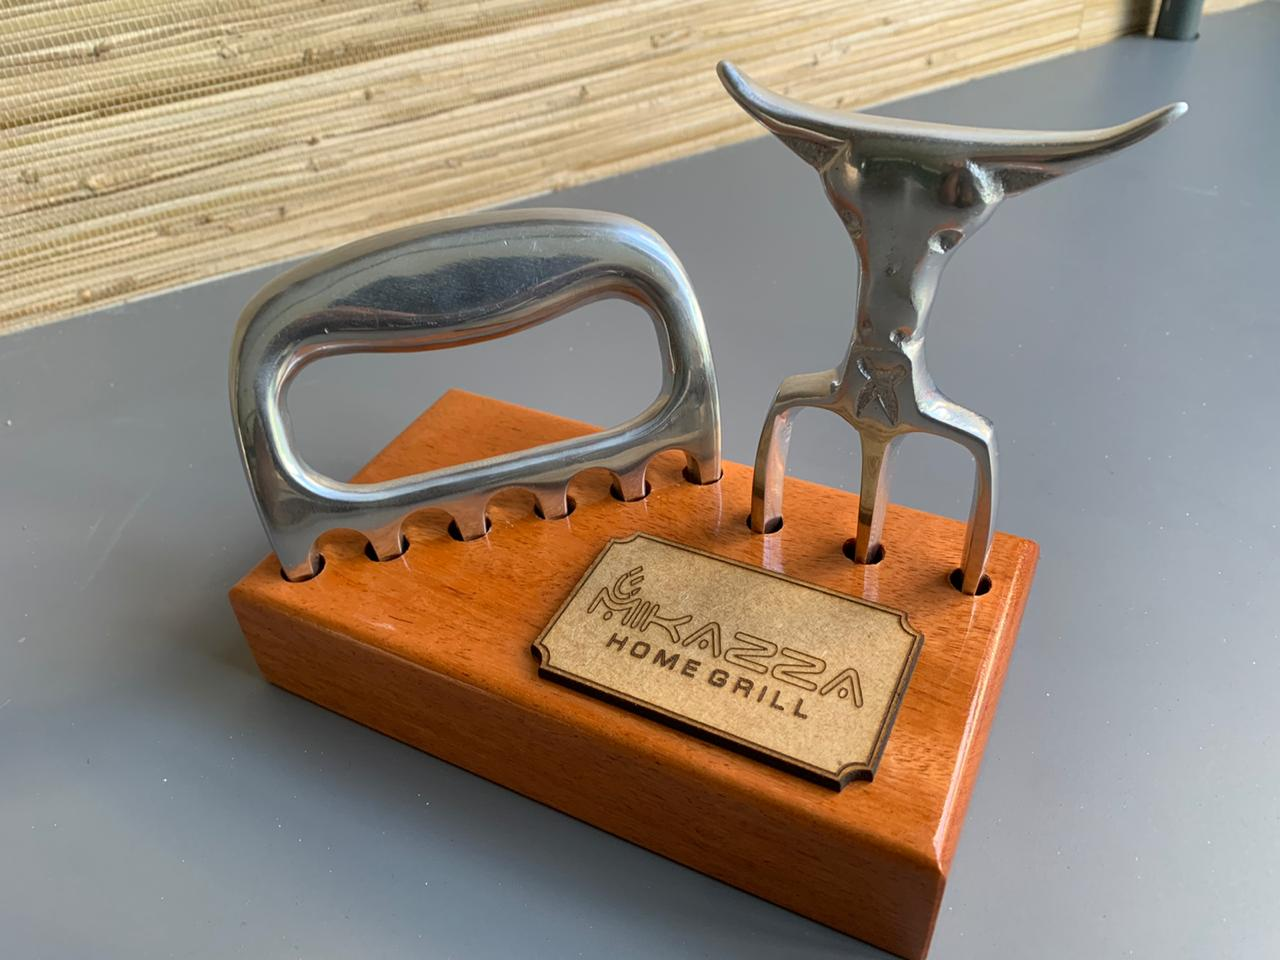 Kit 1 Garra De Urso Premium E 1 Tridente Silver Bull C/ Suporte De Madeira Pers. - Clara